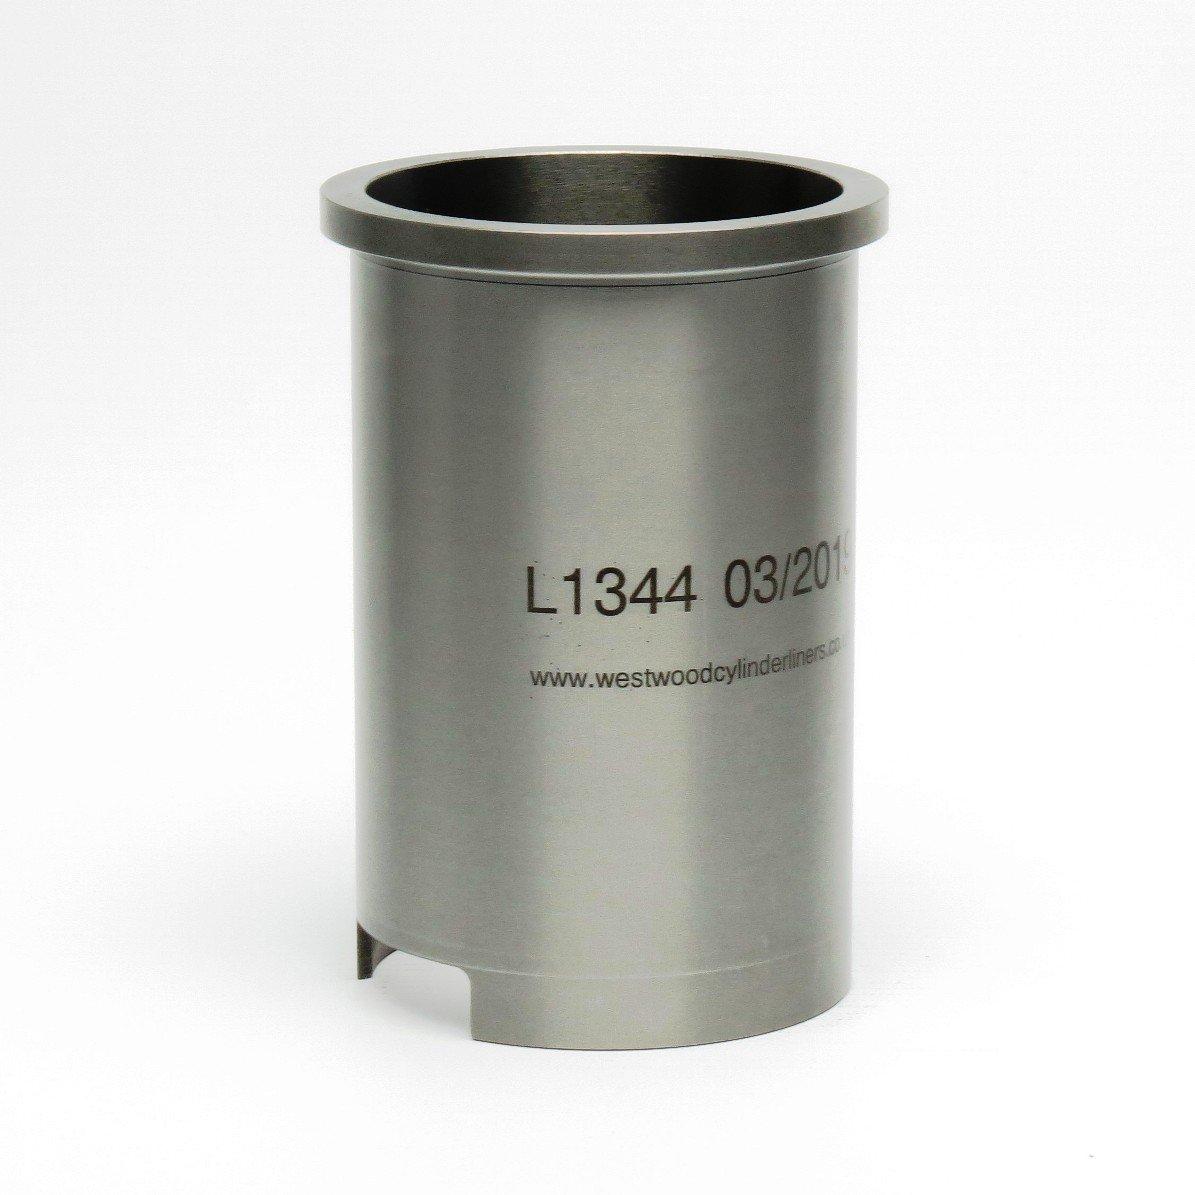 L 1344 - Cylinder Repair Liner